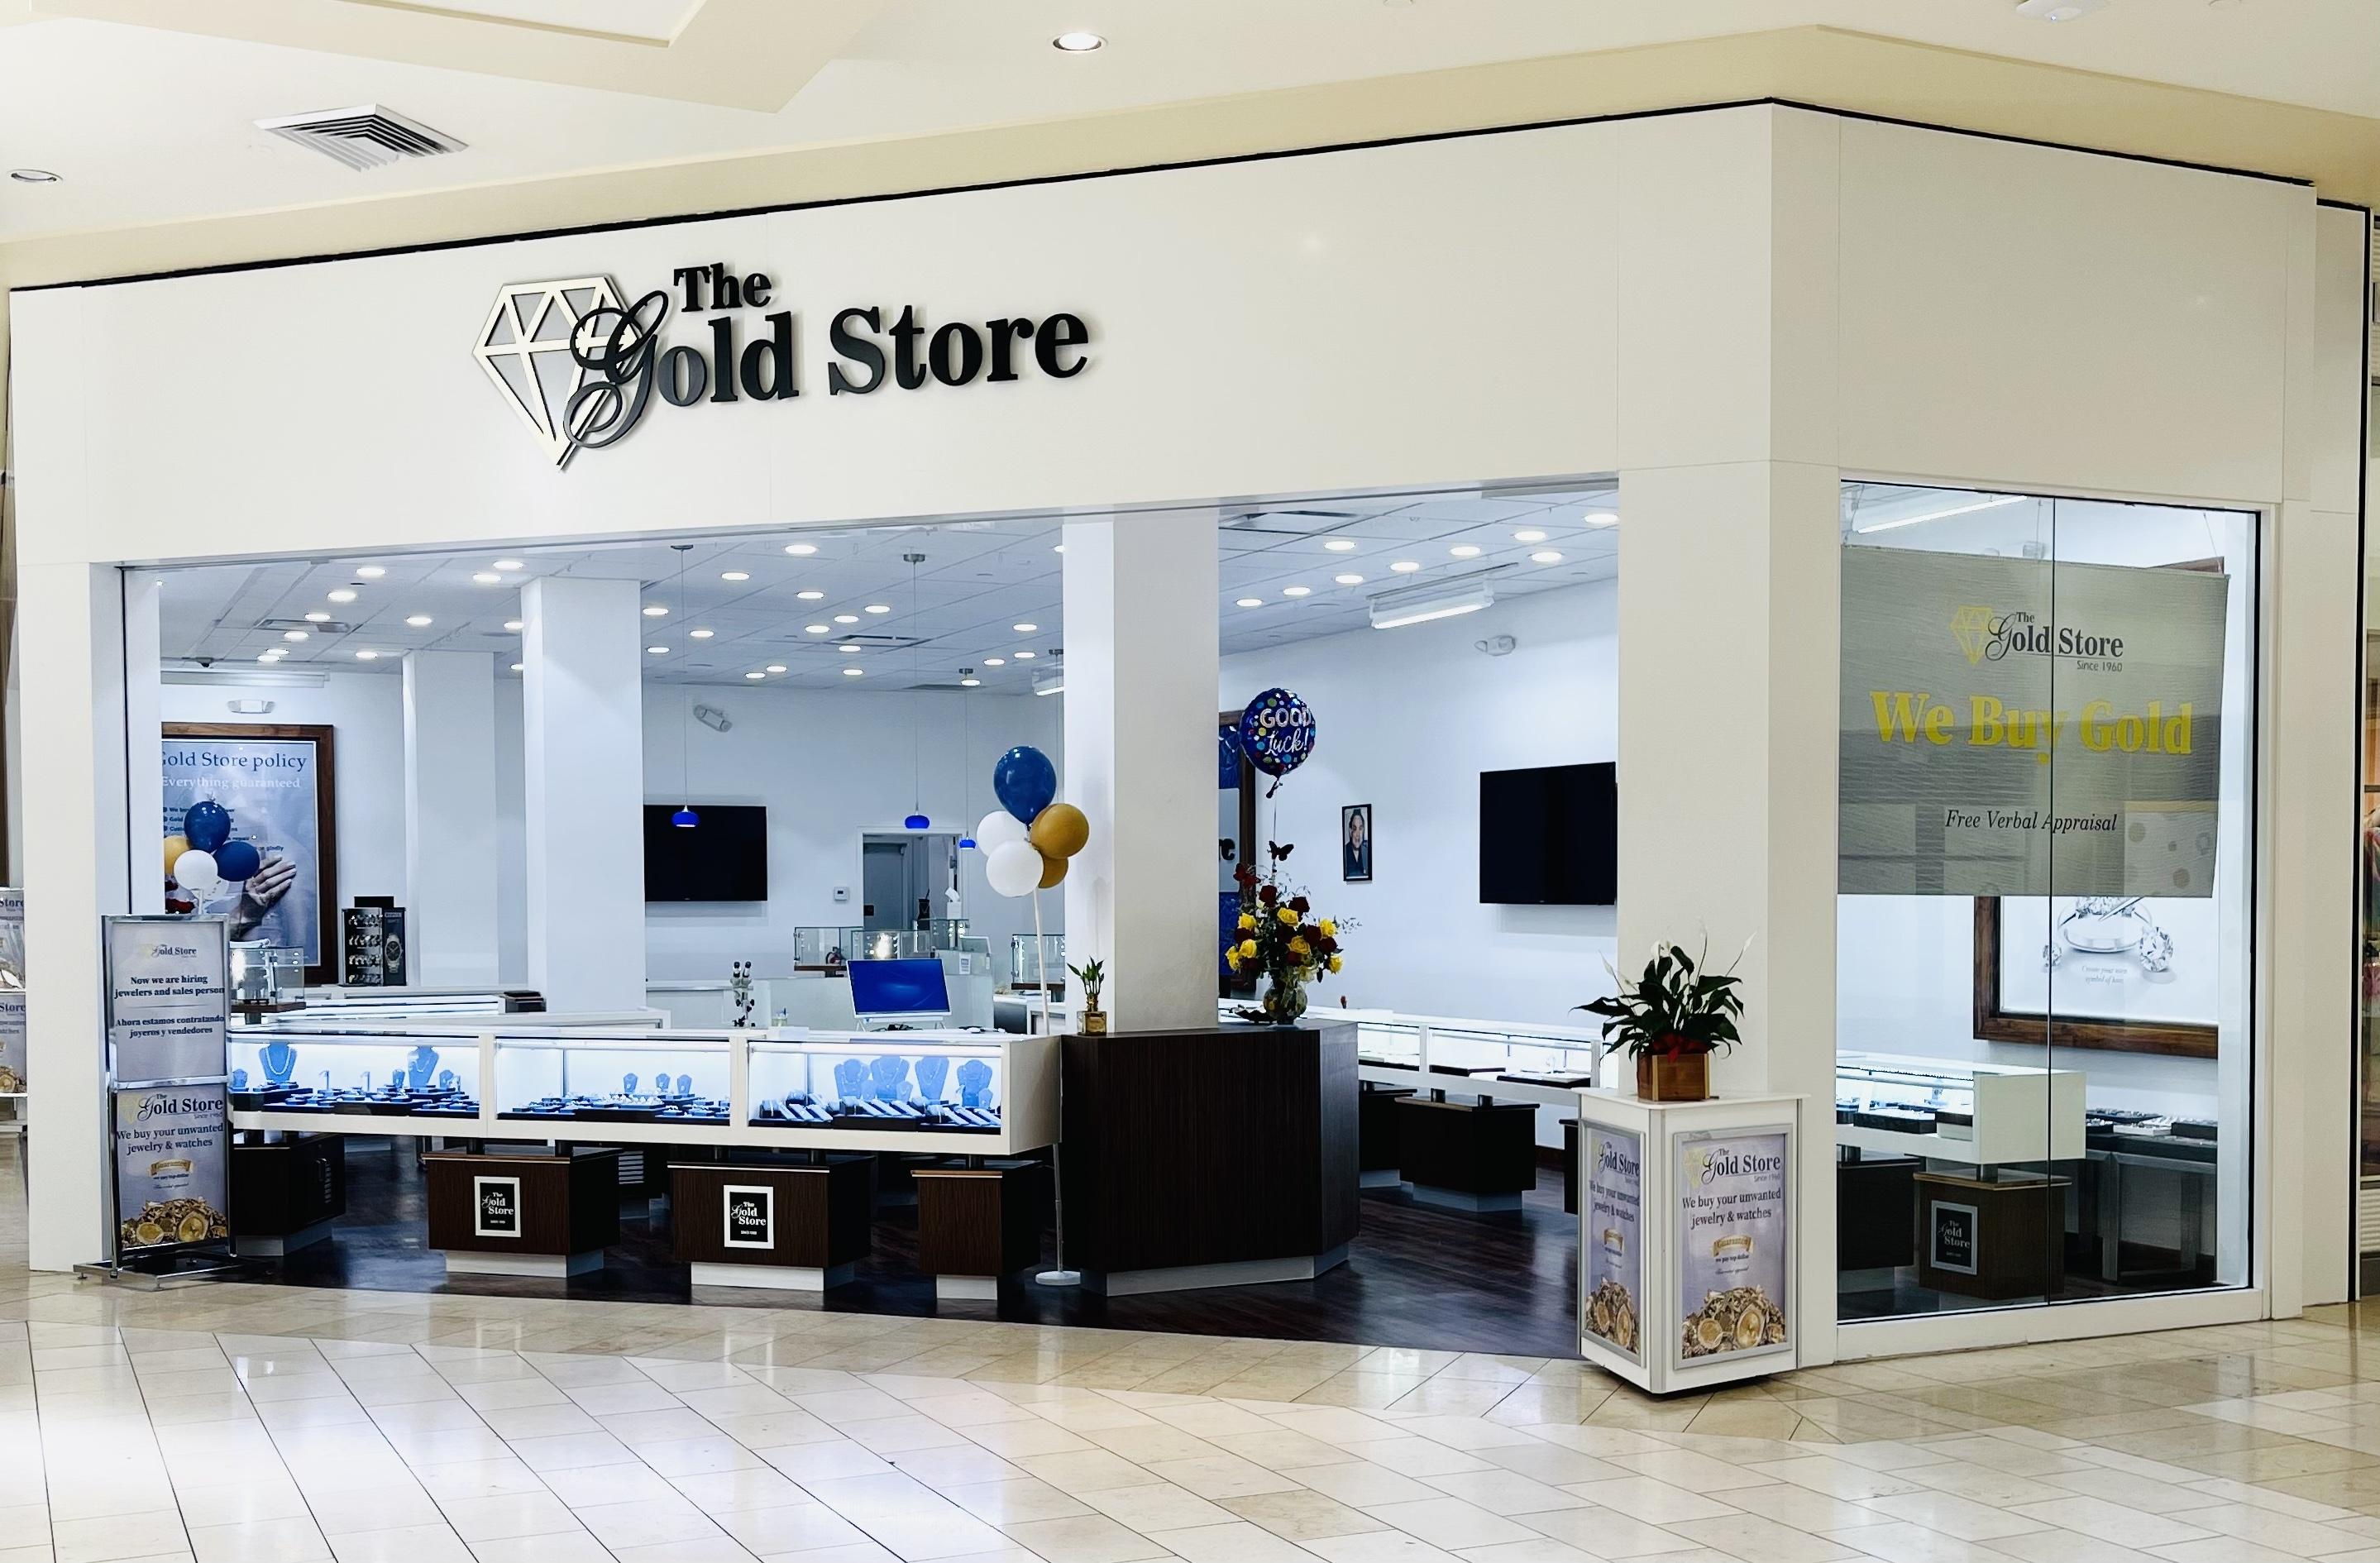 GoldStore Branch 2